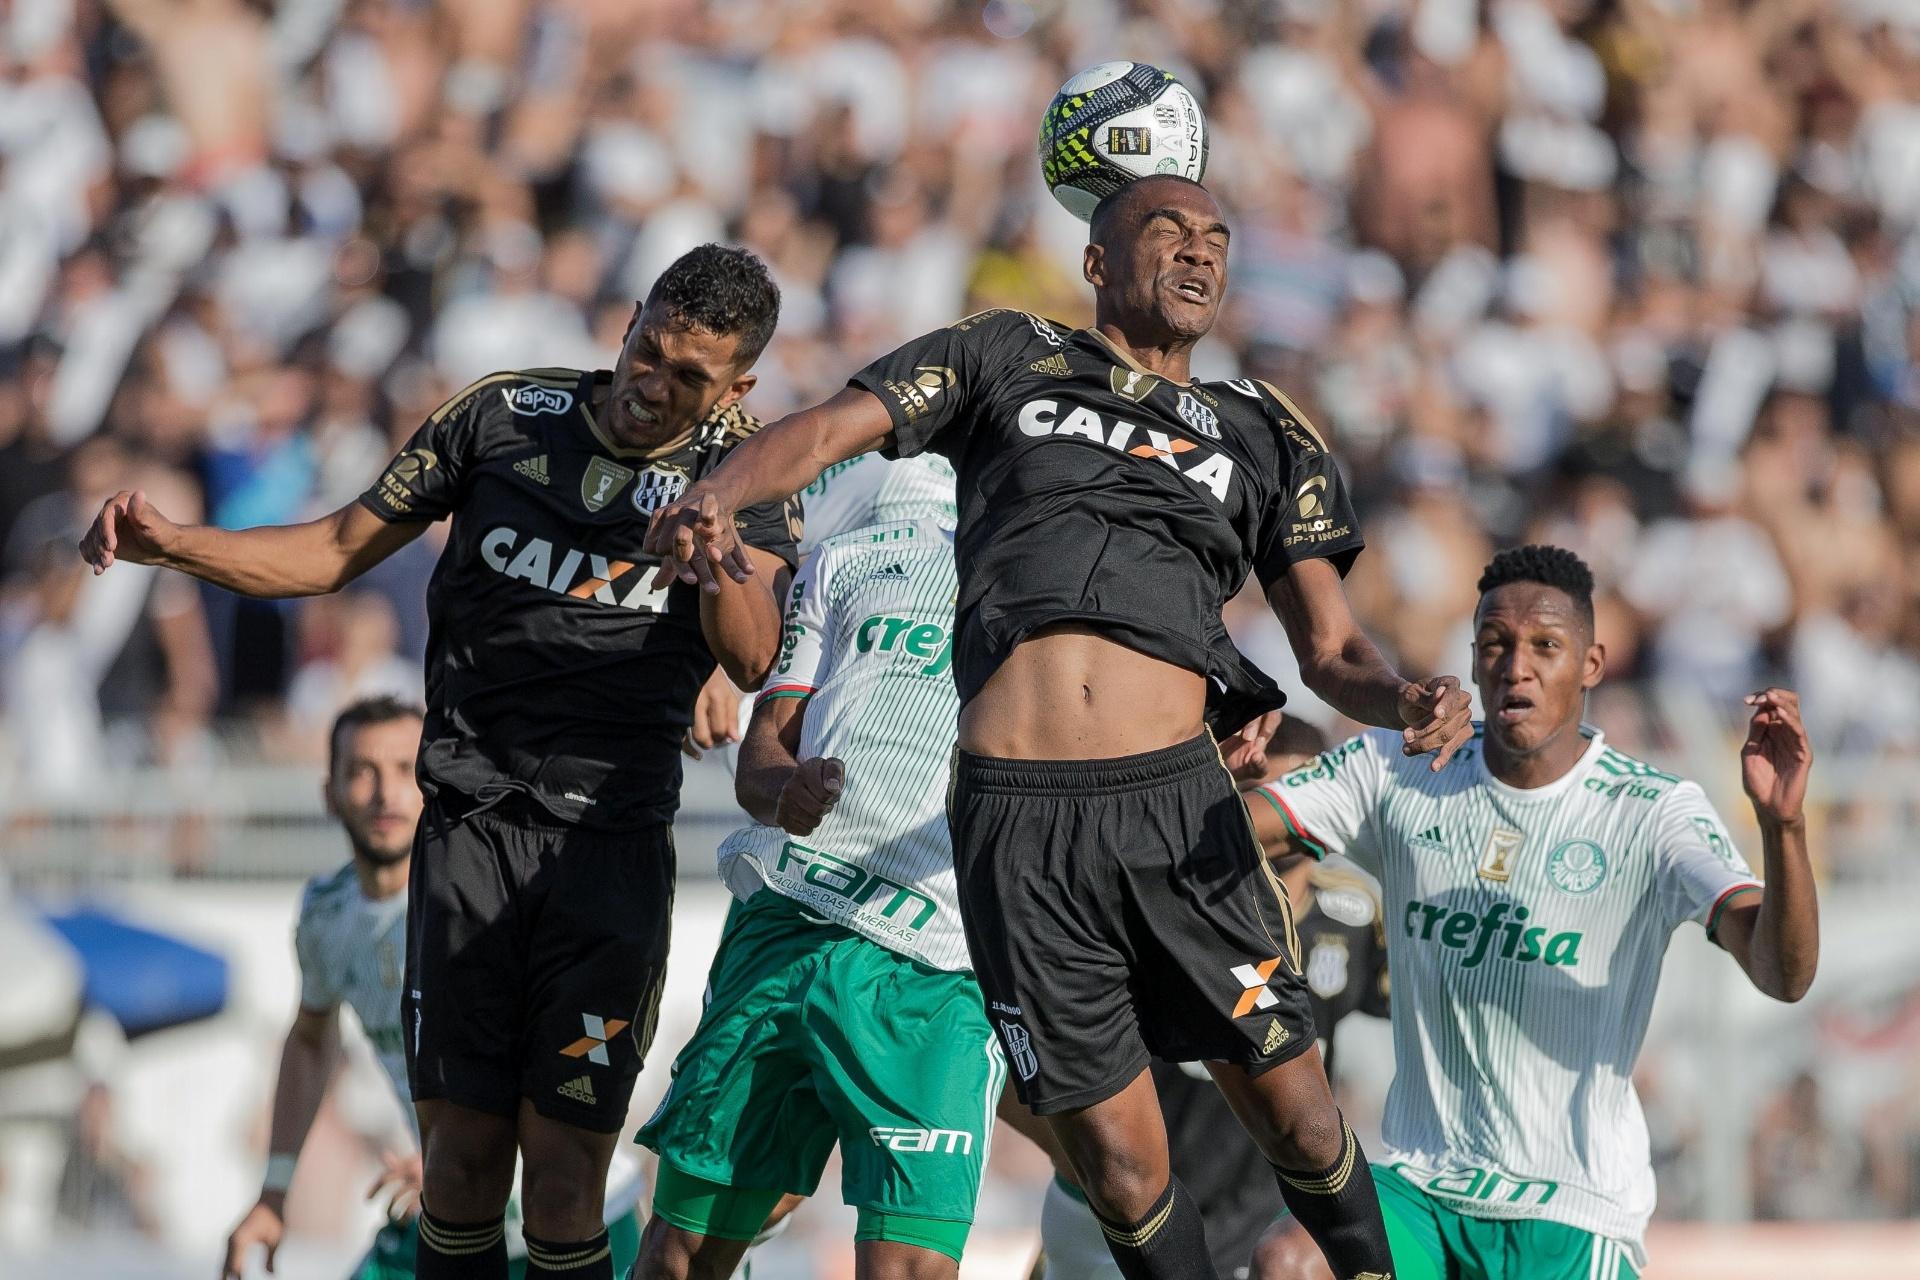 Palmeiras fez quatro vezes no ano o placar que o mantém vivo no Paulista -  17 04 2017 - UOL Esporte 46eb245cb7371